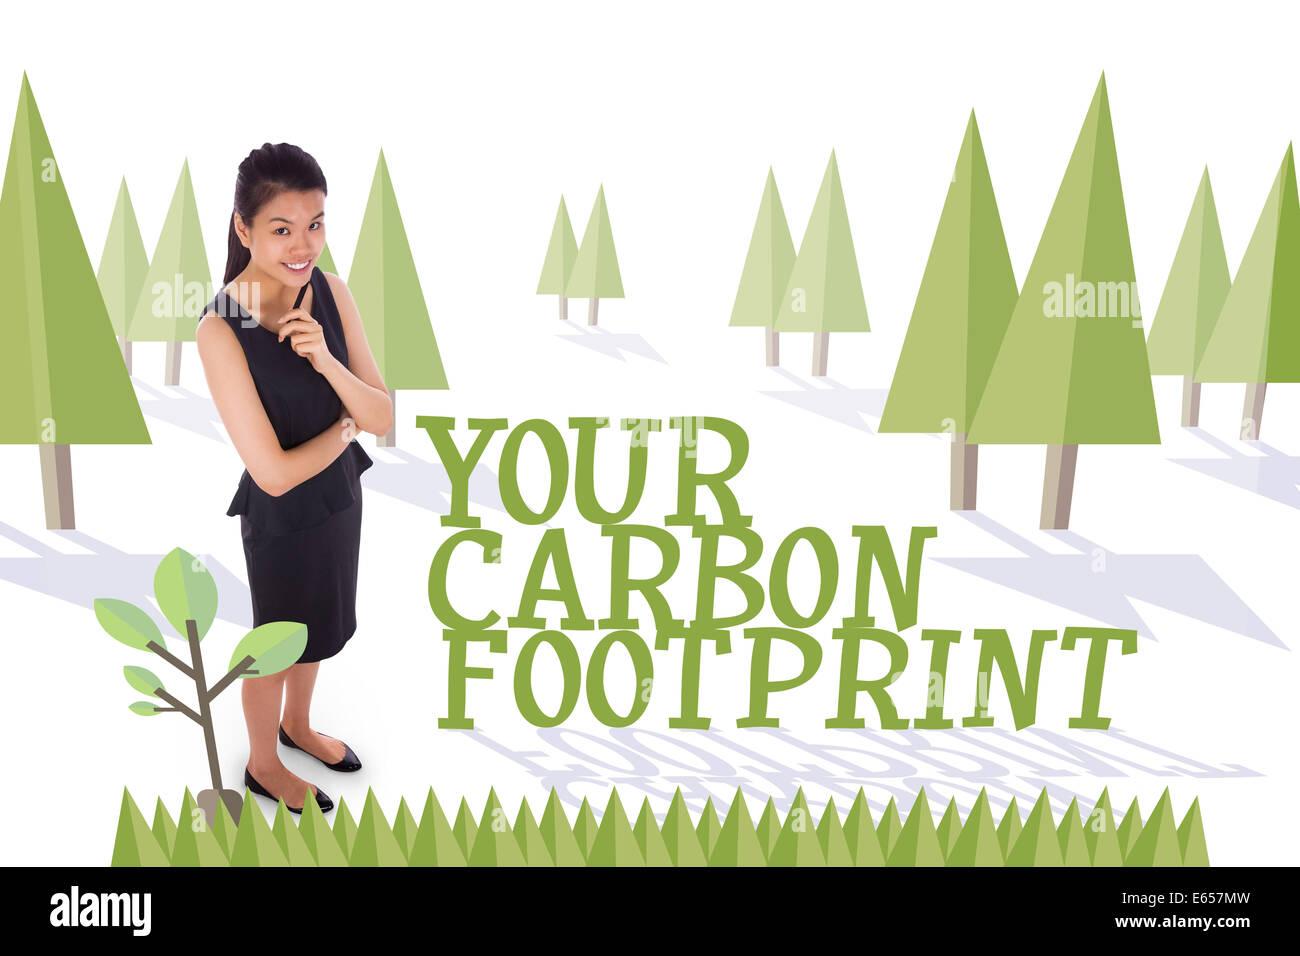 Votre empreinte de carbone de la forêt contre d'arbres Photo Stock